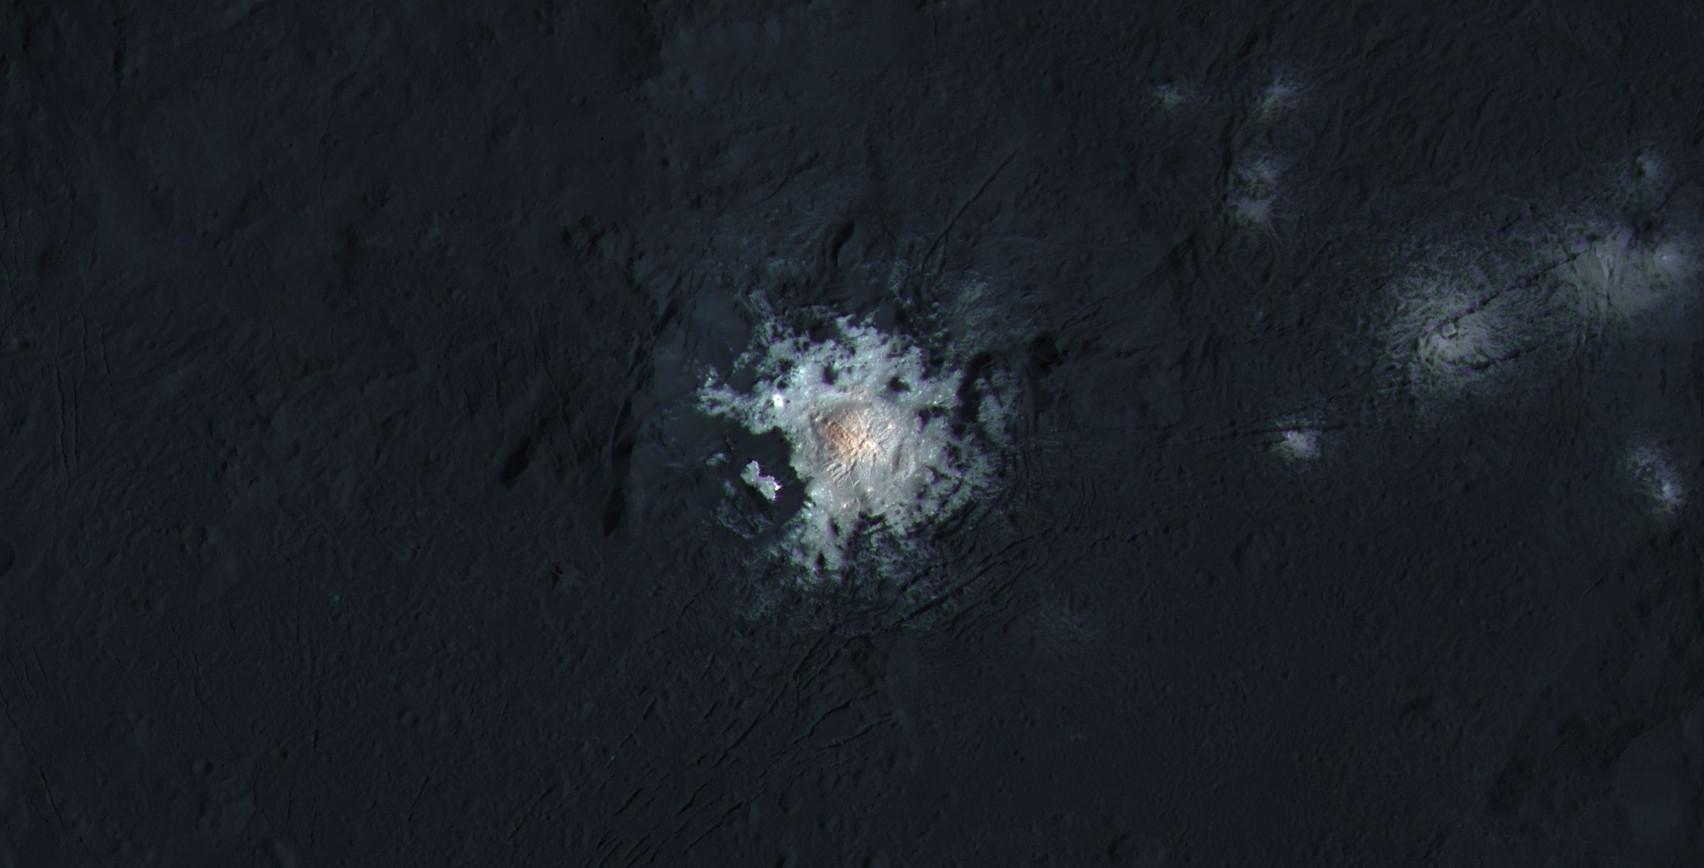 Конец основной миссии зонда Dawn. Аппарат остается у Цереры навсегда - 2